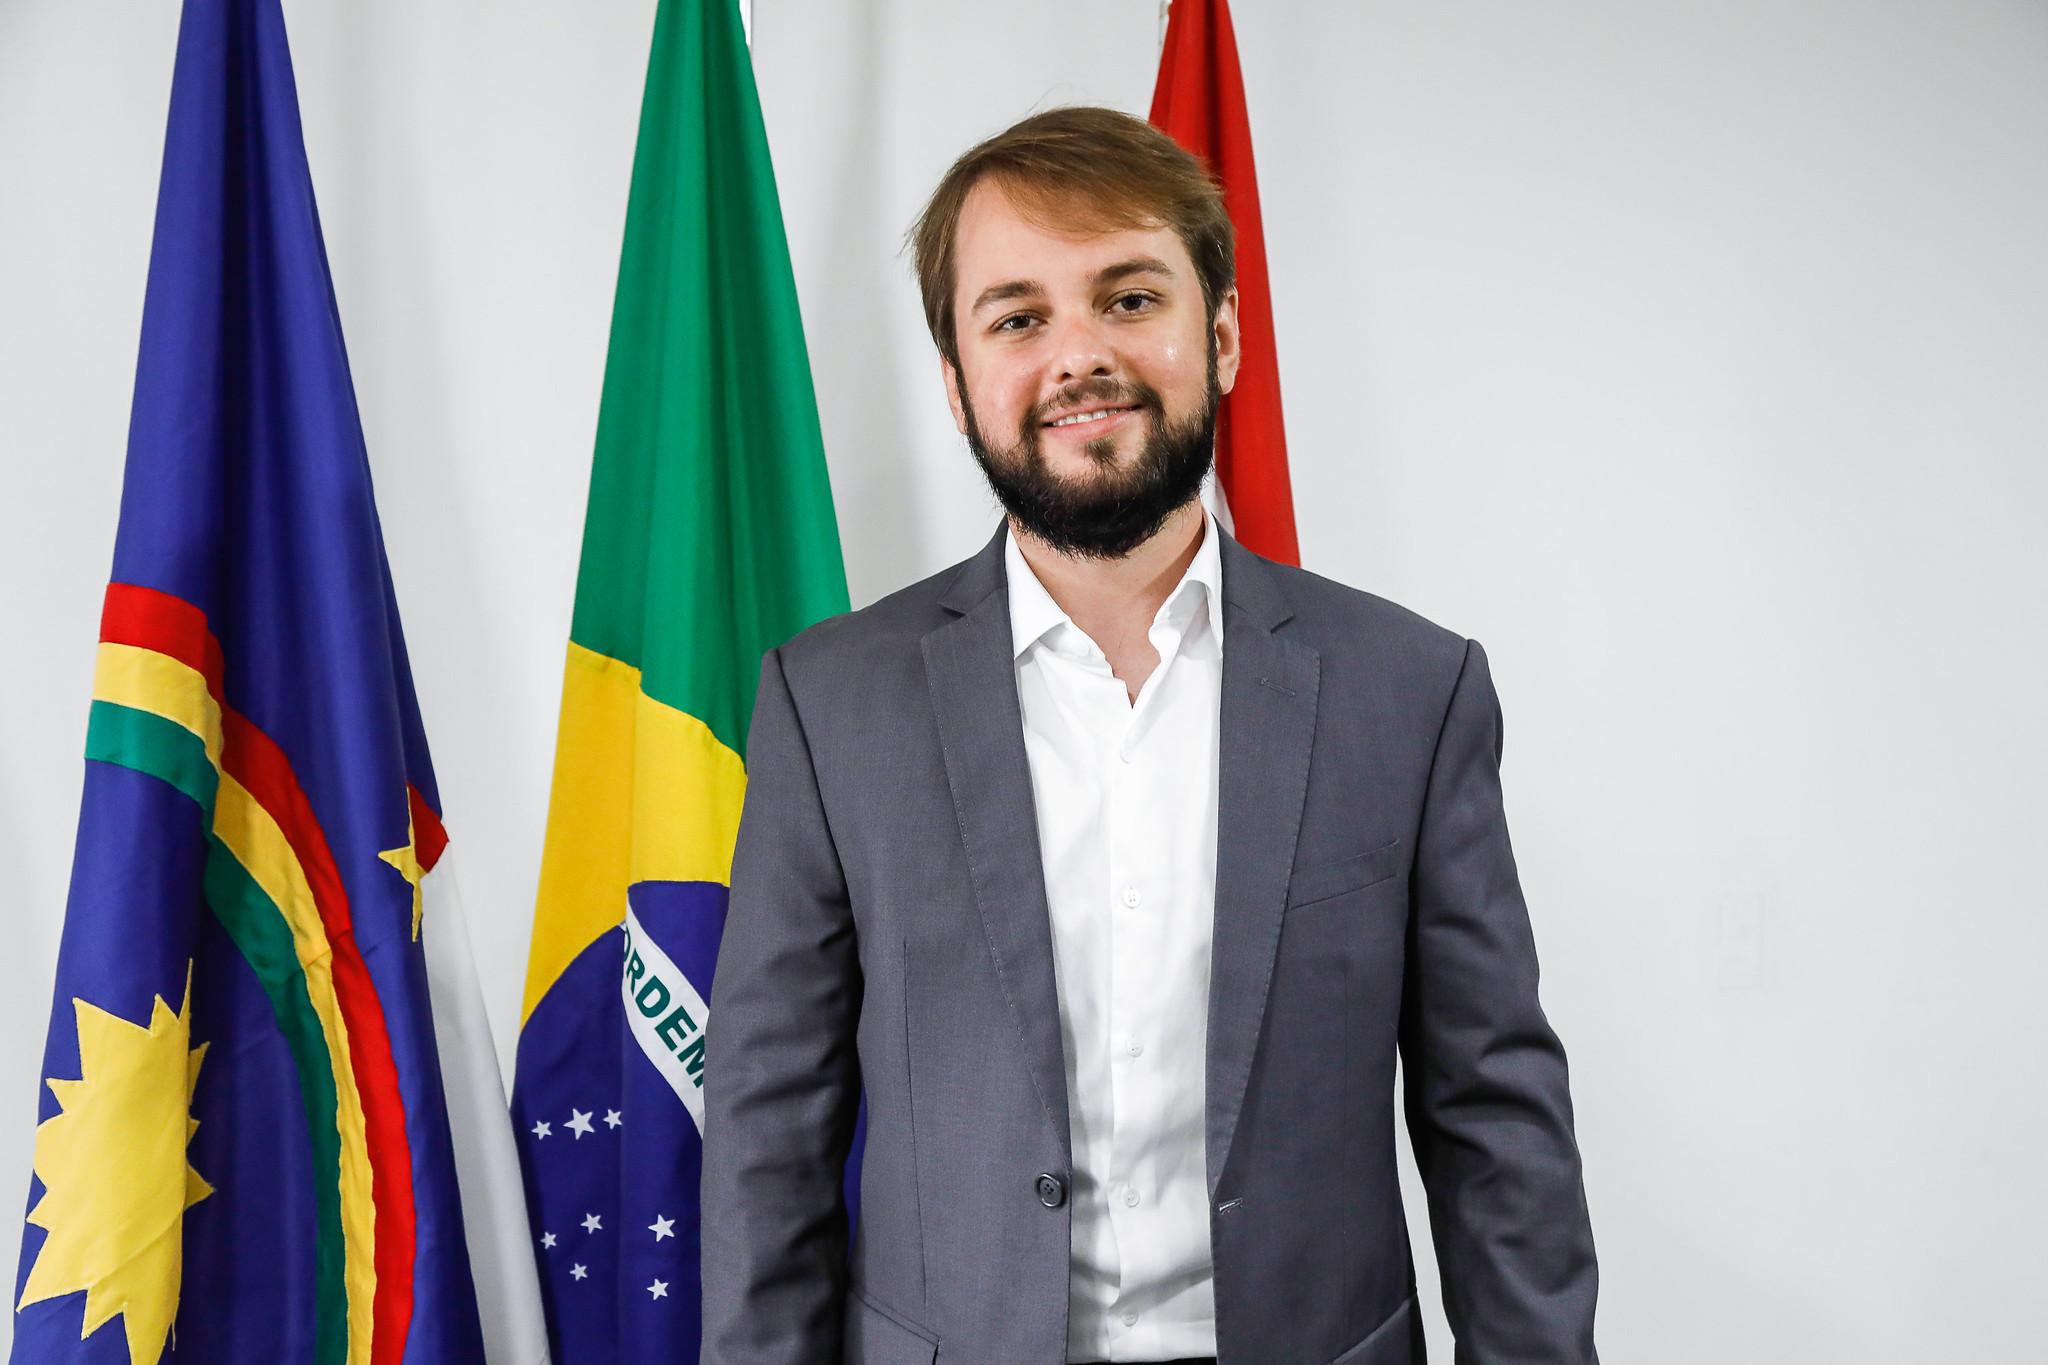 Foto Perfil André Teixeira Filho